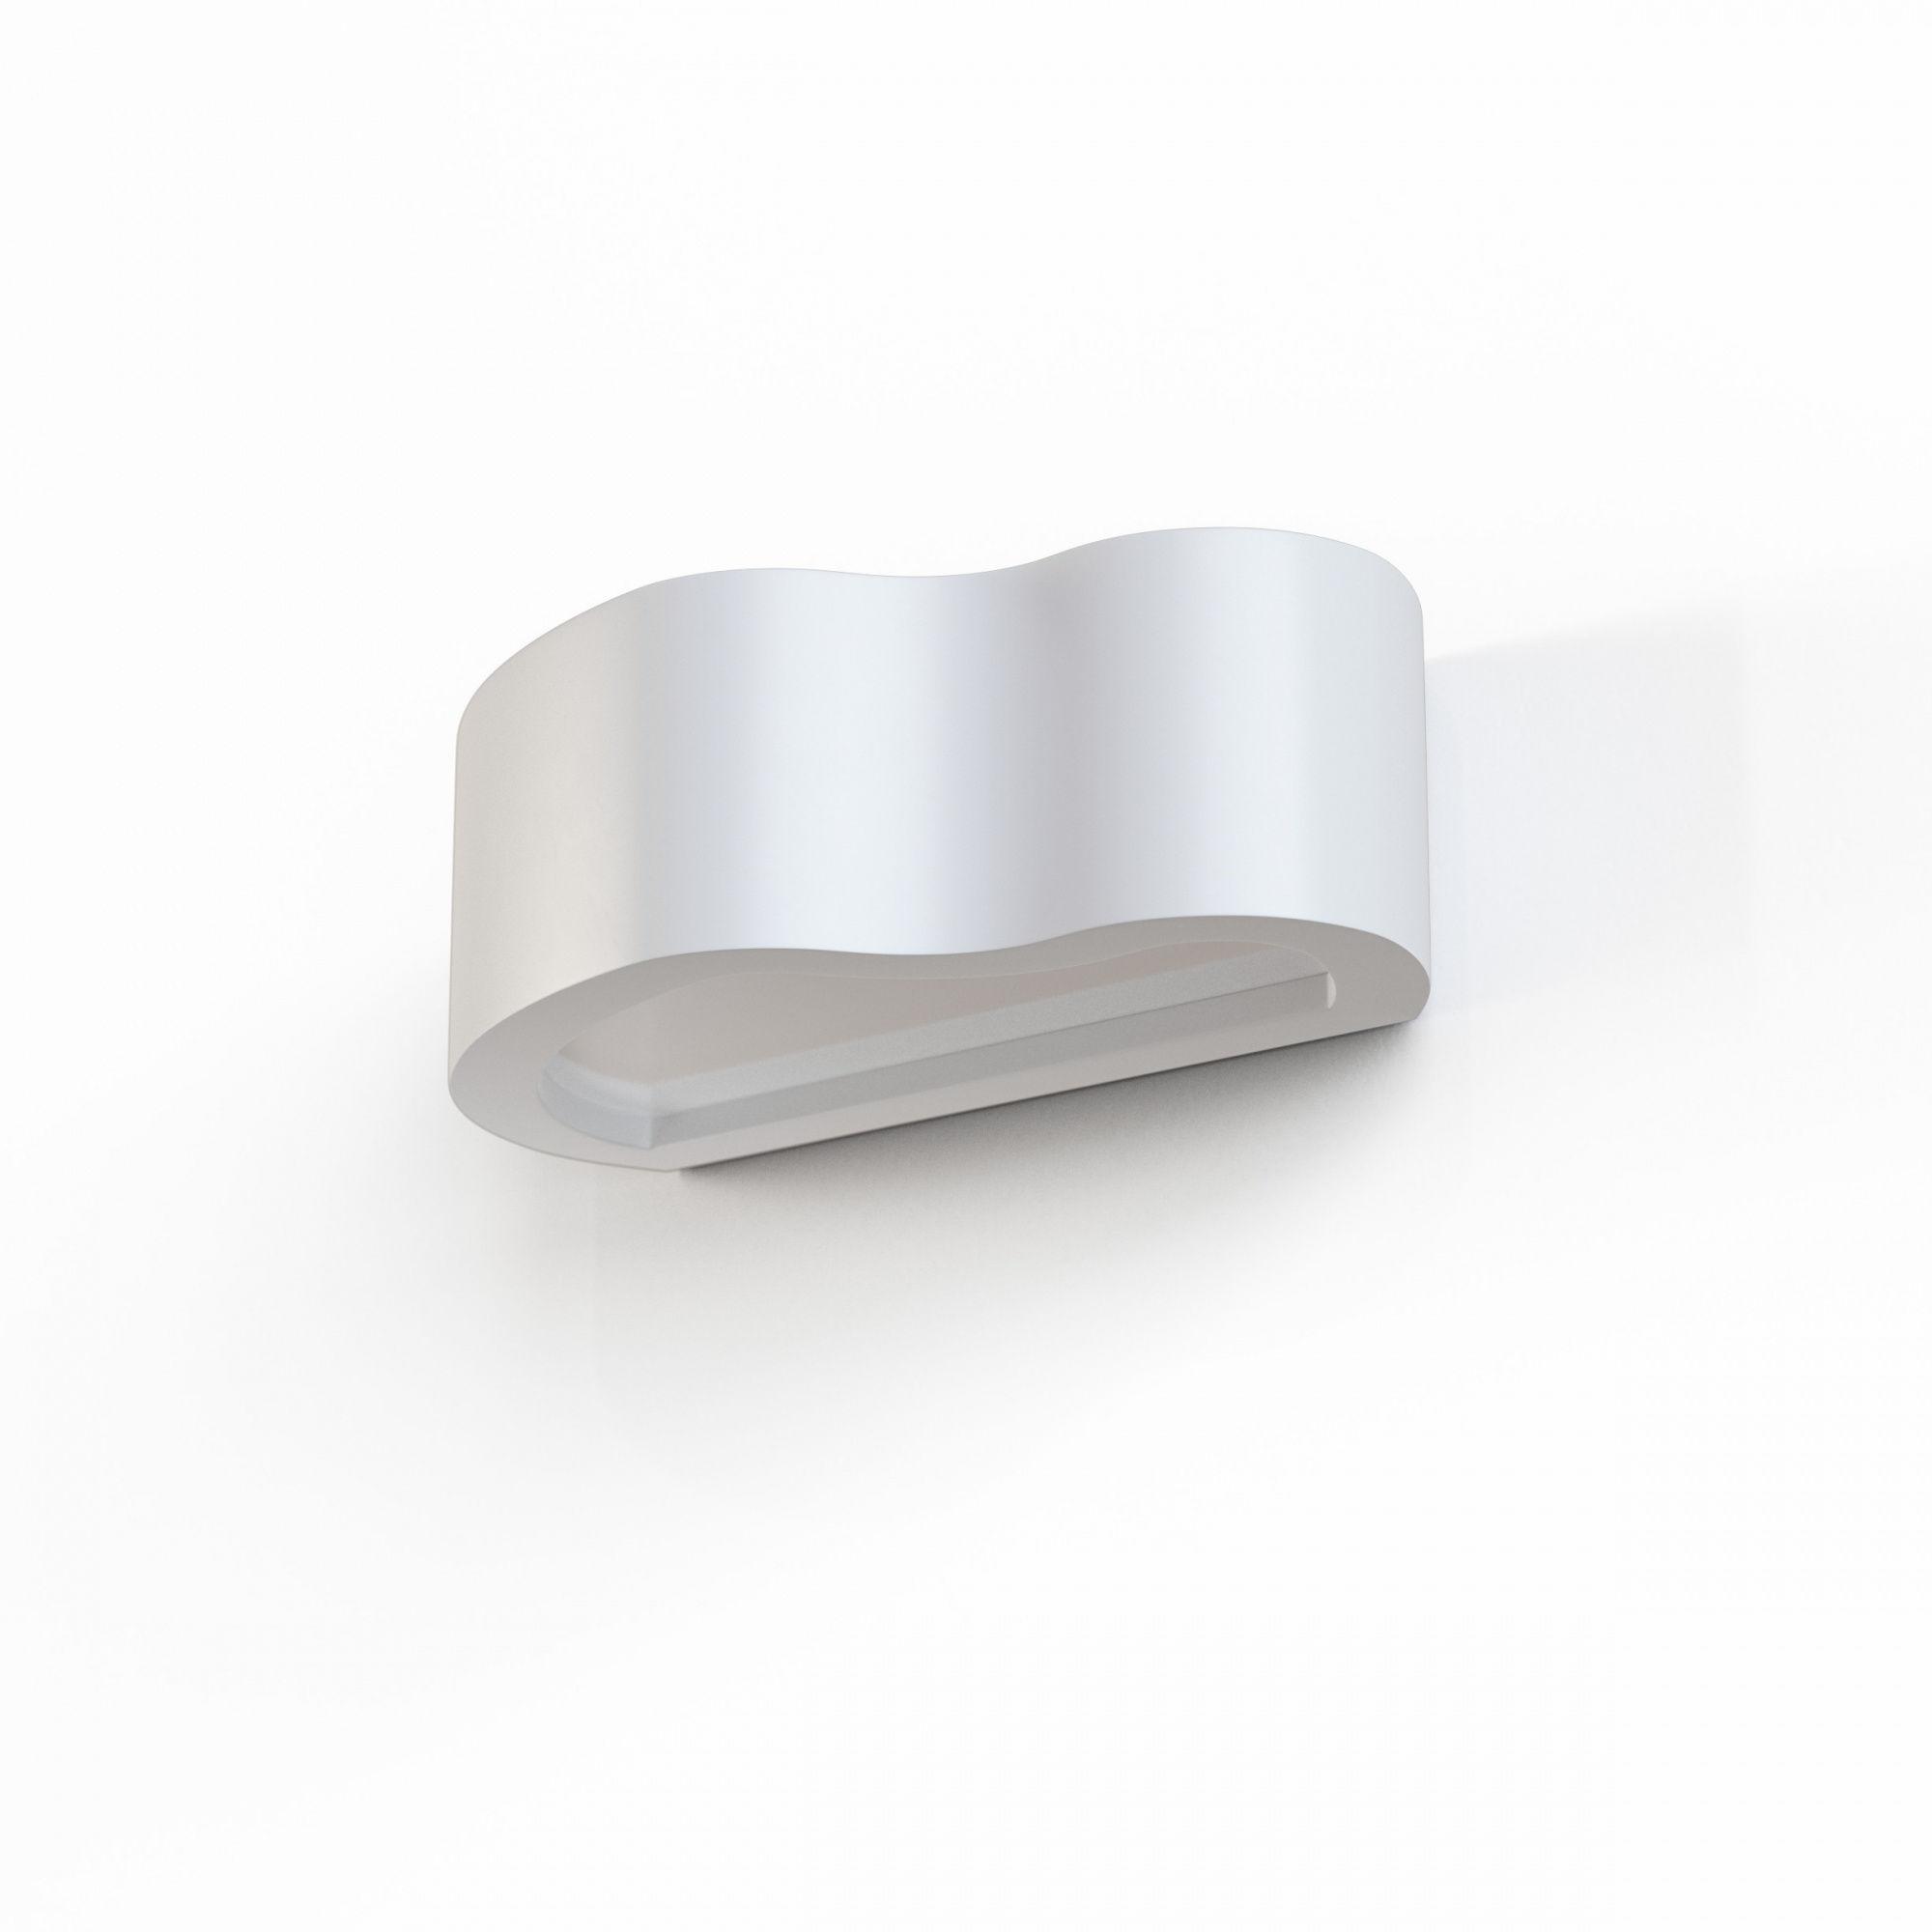 Kinkiet Atego 400 LED 12395 różne kolory Cleoni designerska oprawa ścienna